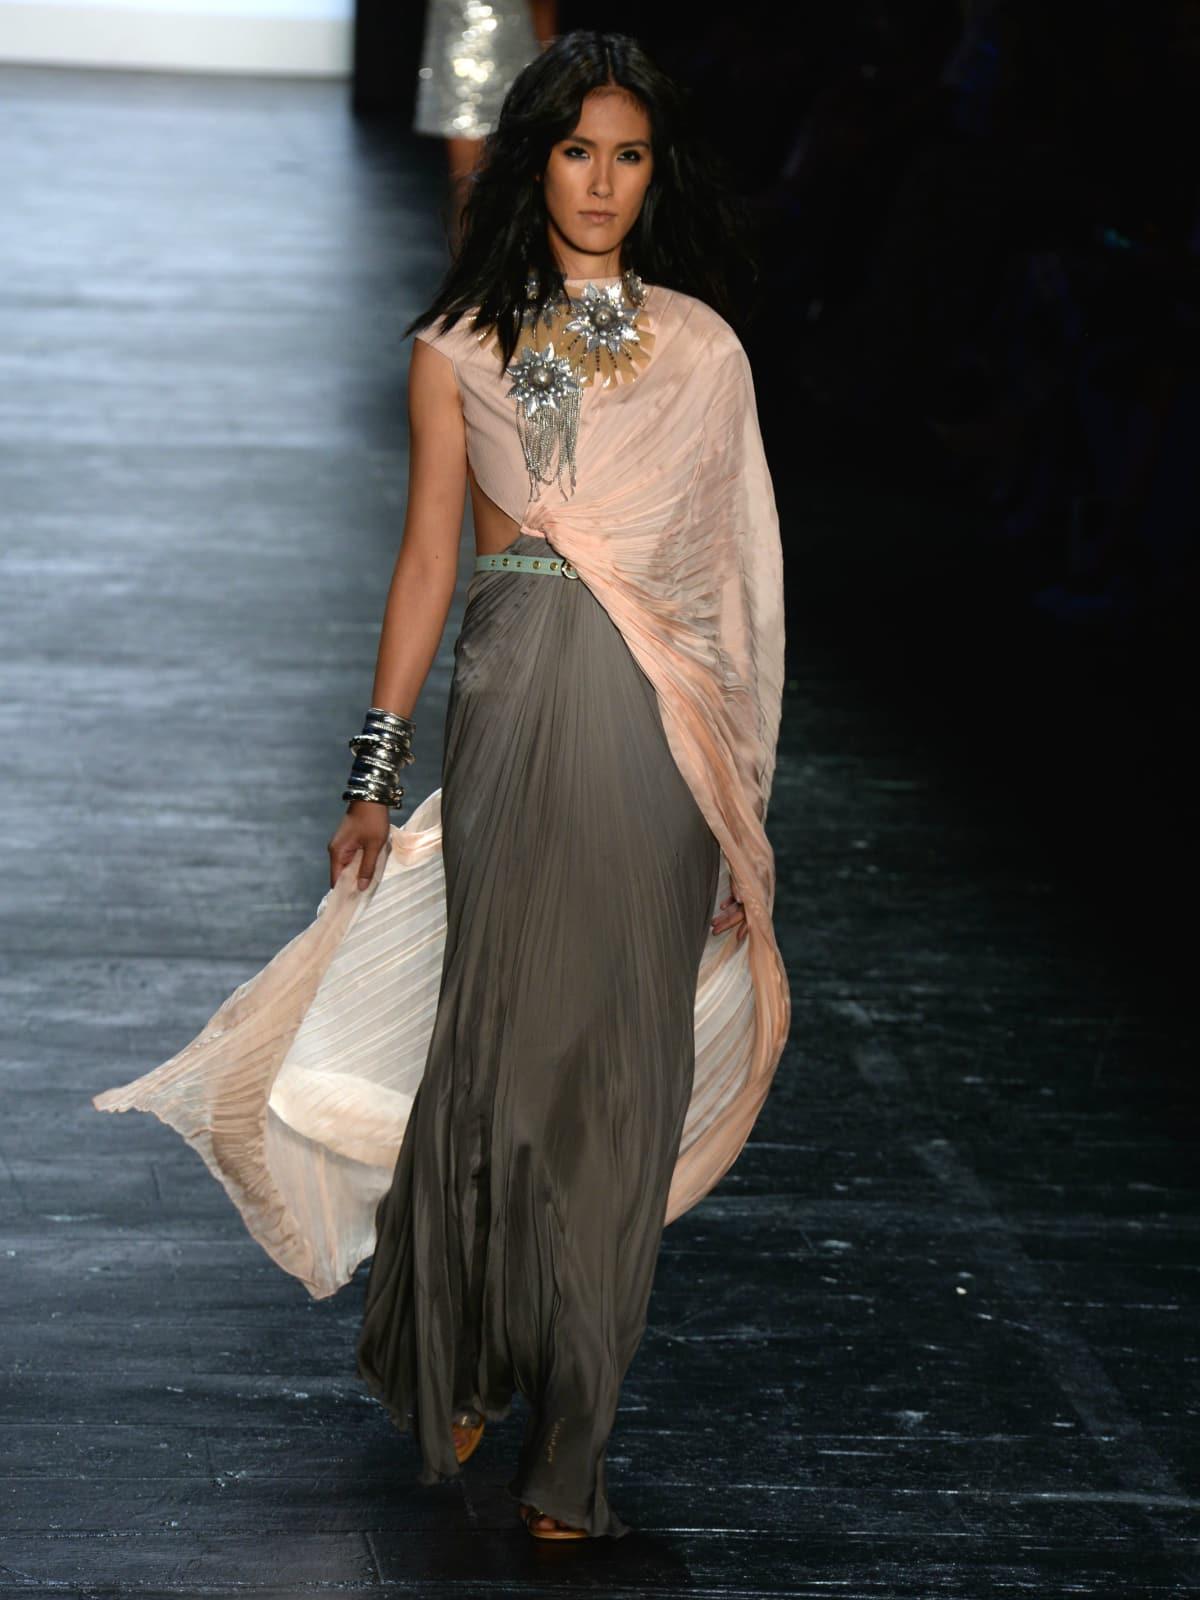 Project Runway runway show at New York Fashion Week